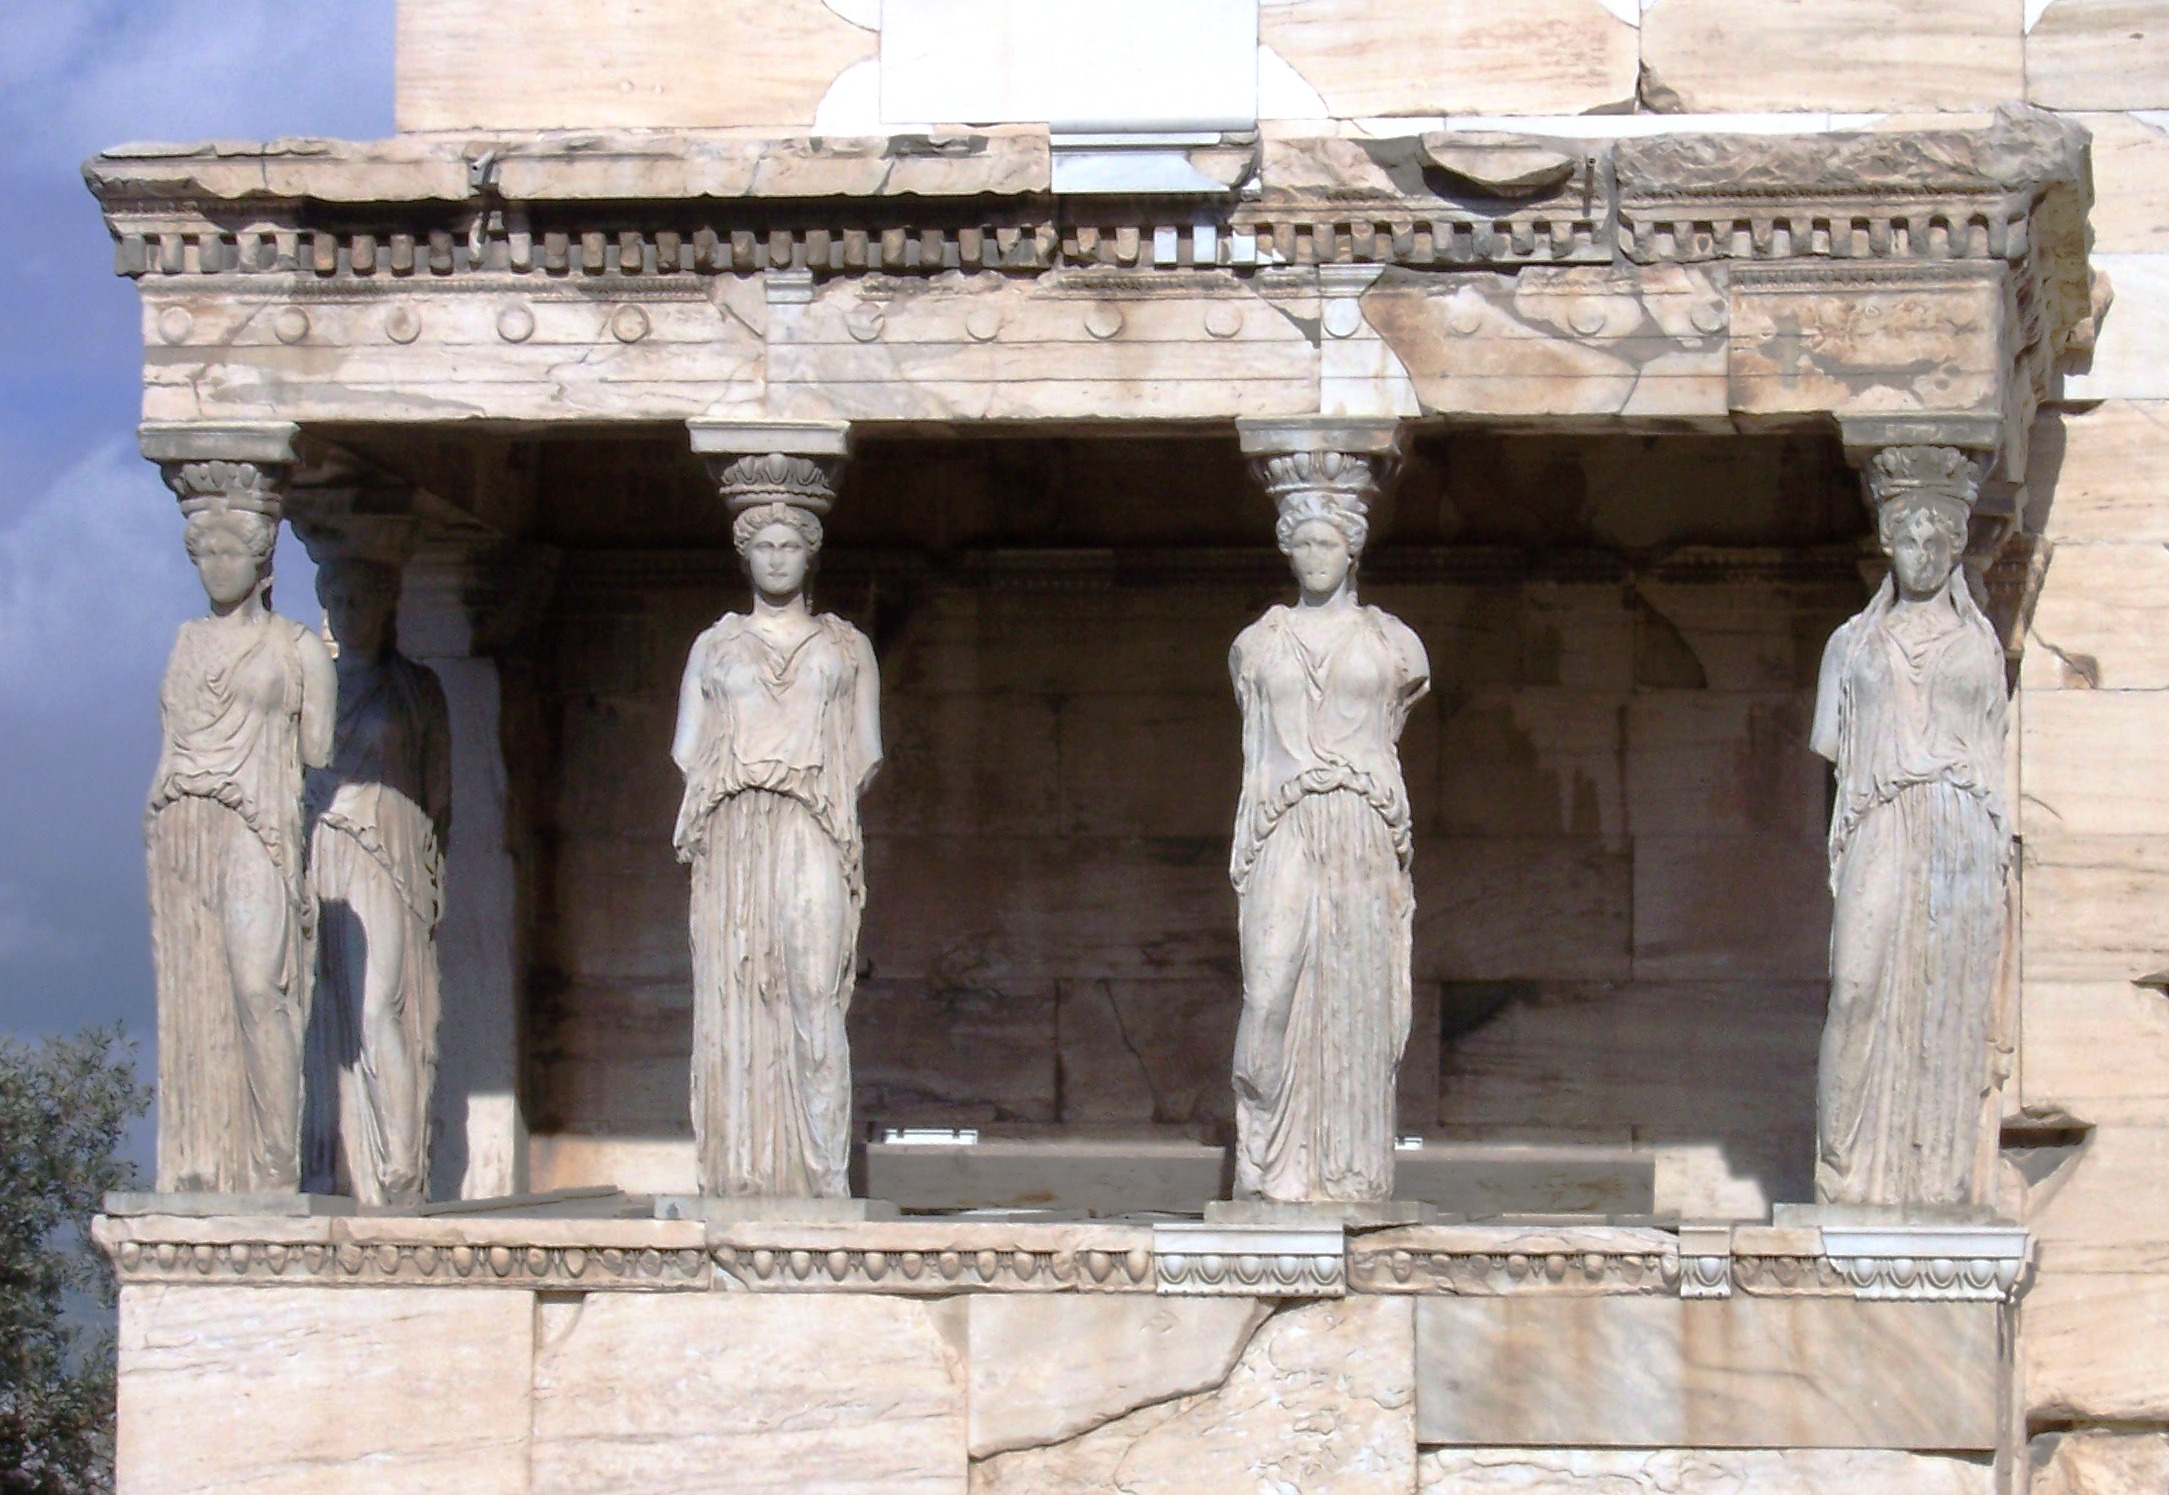 GreekSculpture - High Classical Period